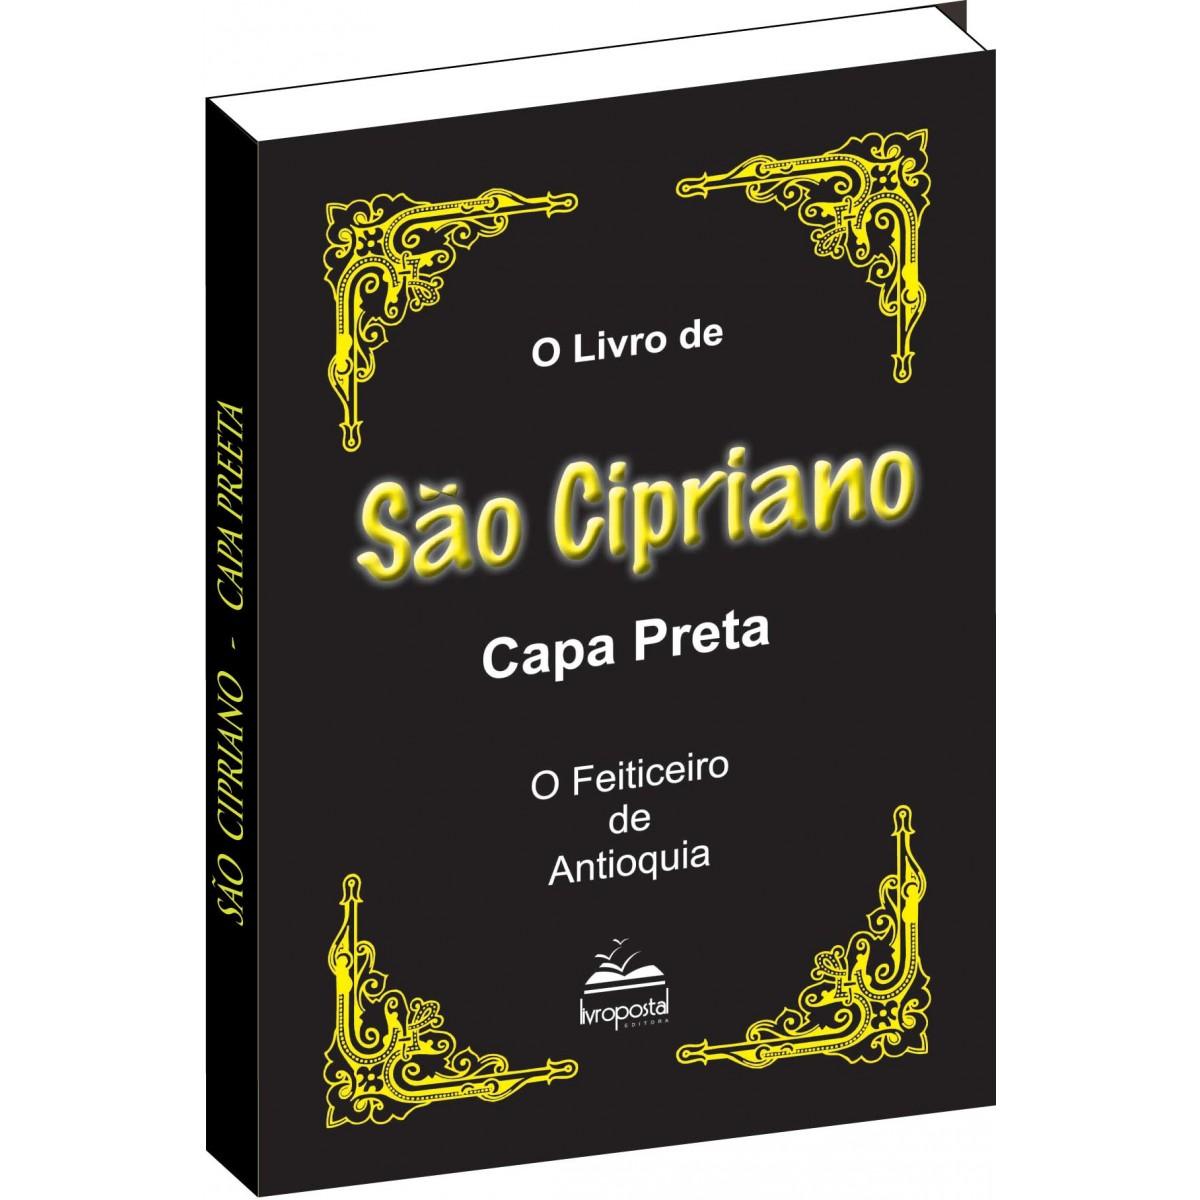 Livro de São Cipriano  Capa Preta  - Livropostal Editora